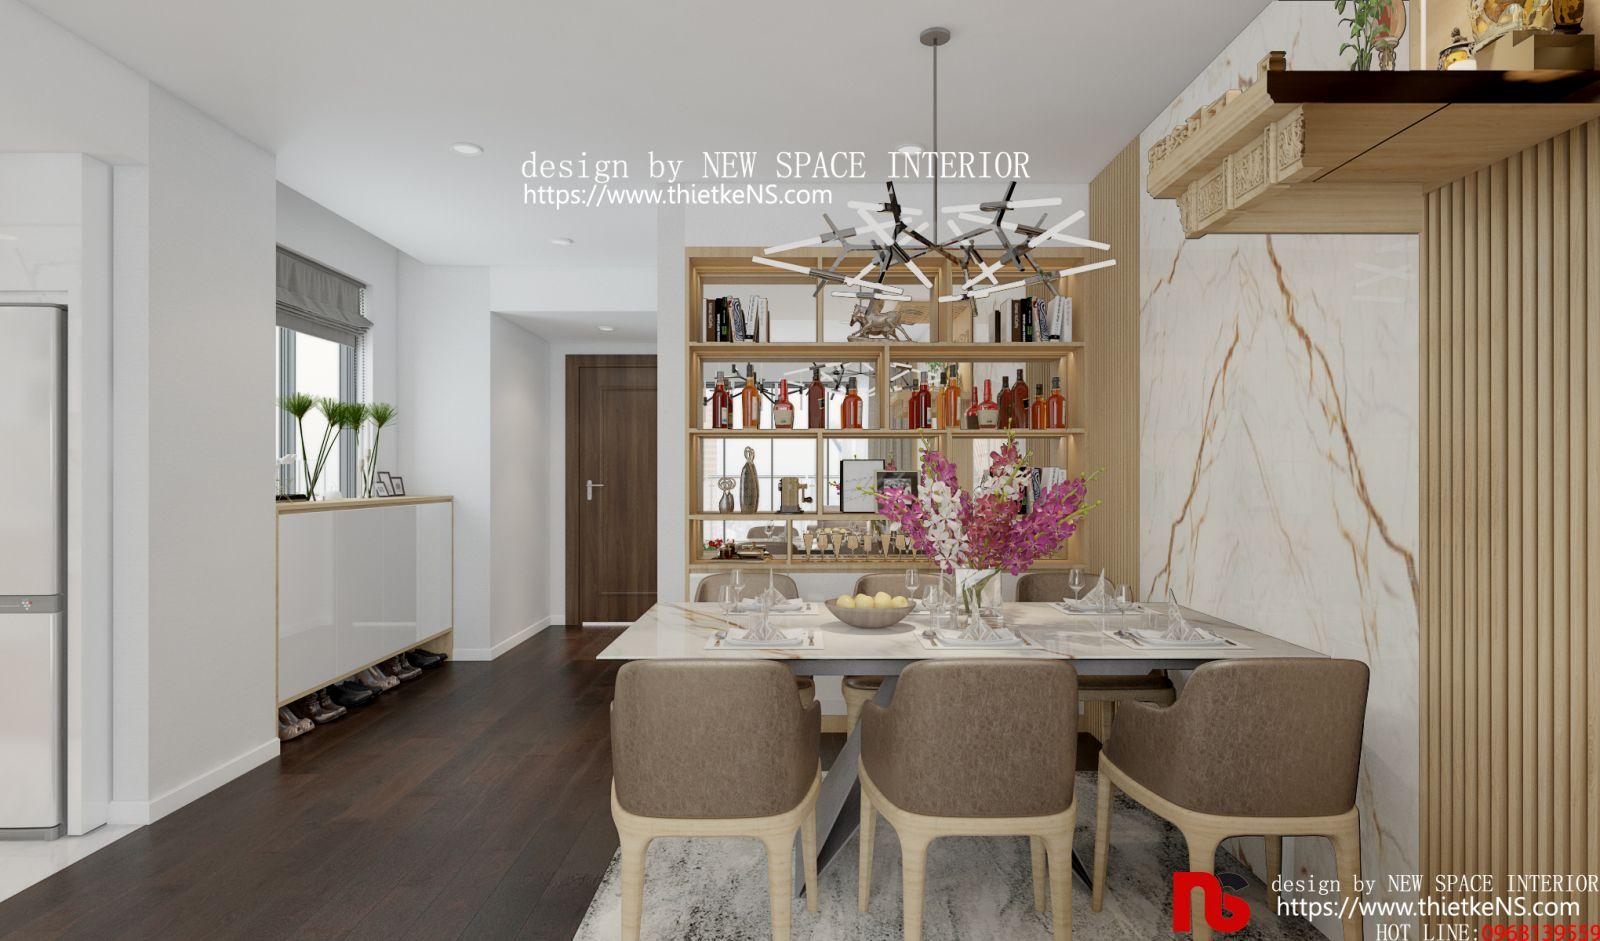 Thiết kế nội thất chung cư khu vực nấu ăn